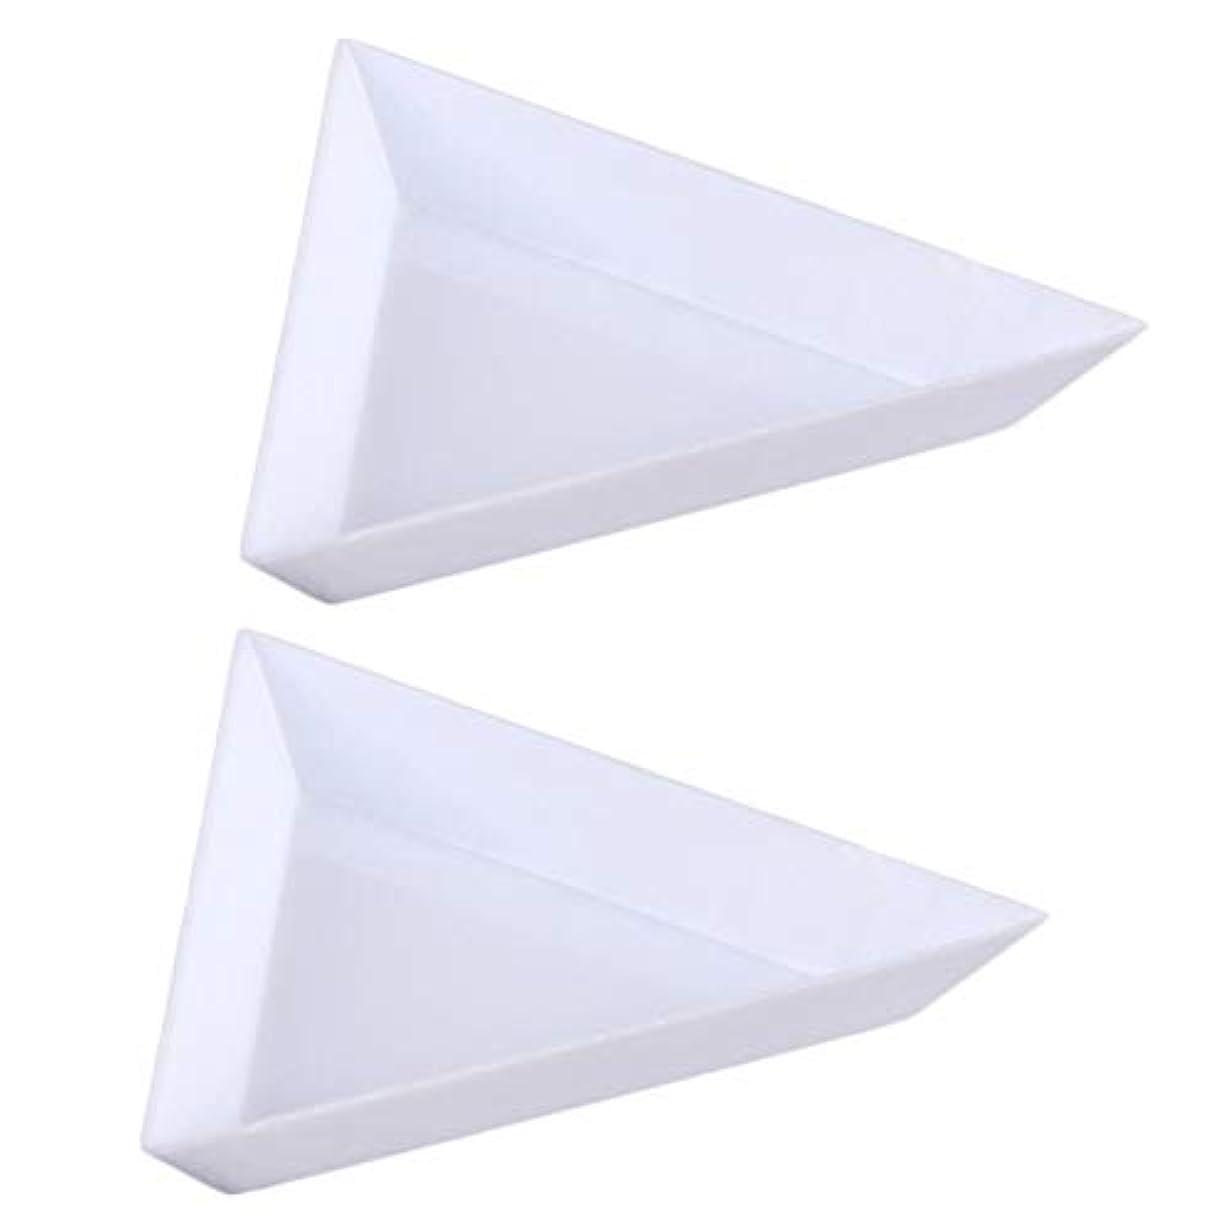 葉巻神経器用TOOGOO 10個三角コーナープラスチックラインストーンビーズ 結晶 ネイルアートソーティングトレイアクセサリー白 DiyネイルアートデコレーションDotting収納トレイ オーガニゼーションに最適